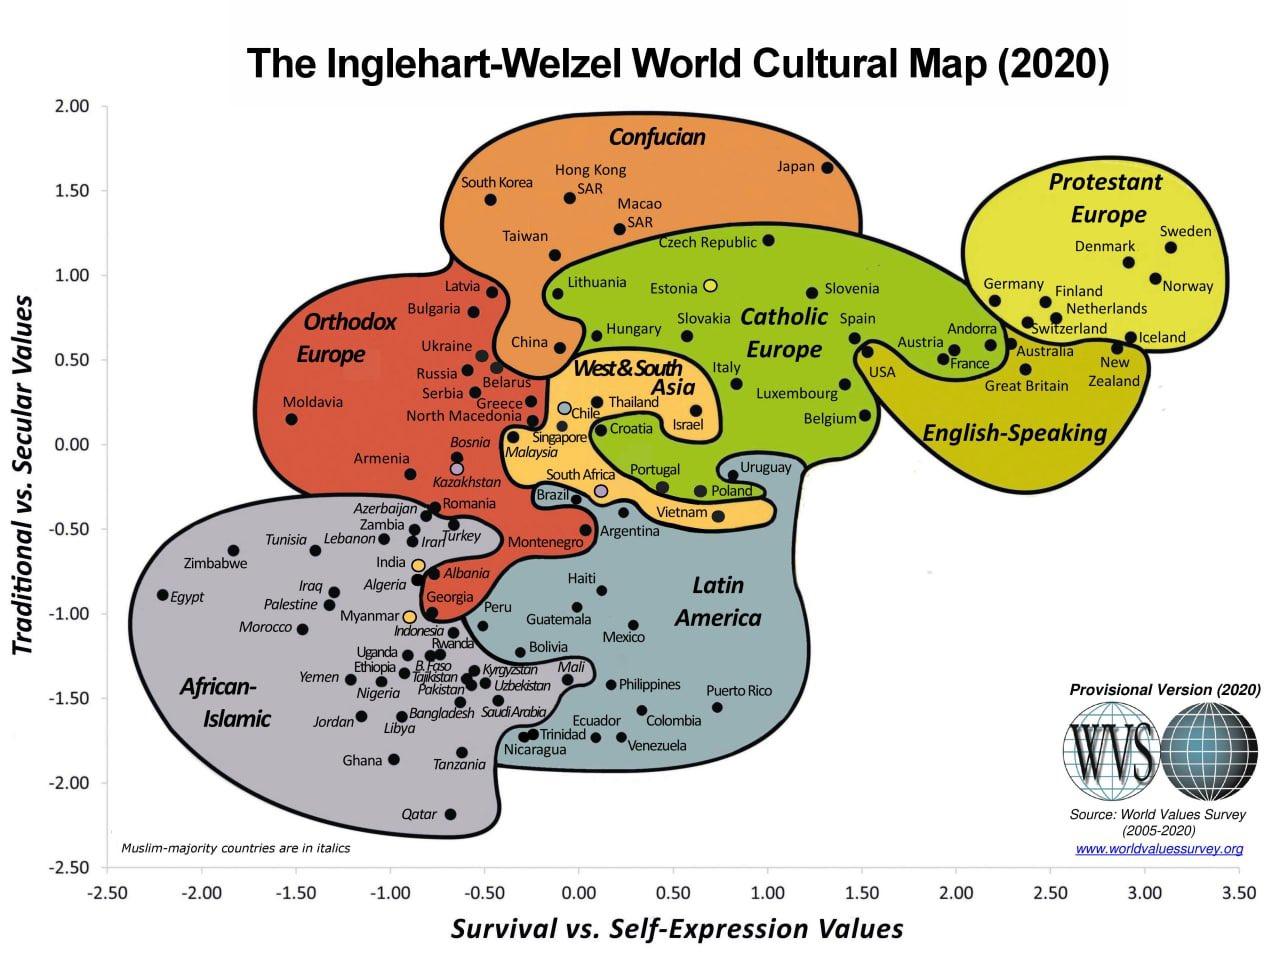 карта ценностей, Инглхарт, традиционные ценности, скрепы, россияне, консерватизм, прогресс